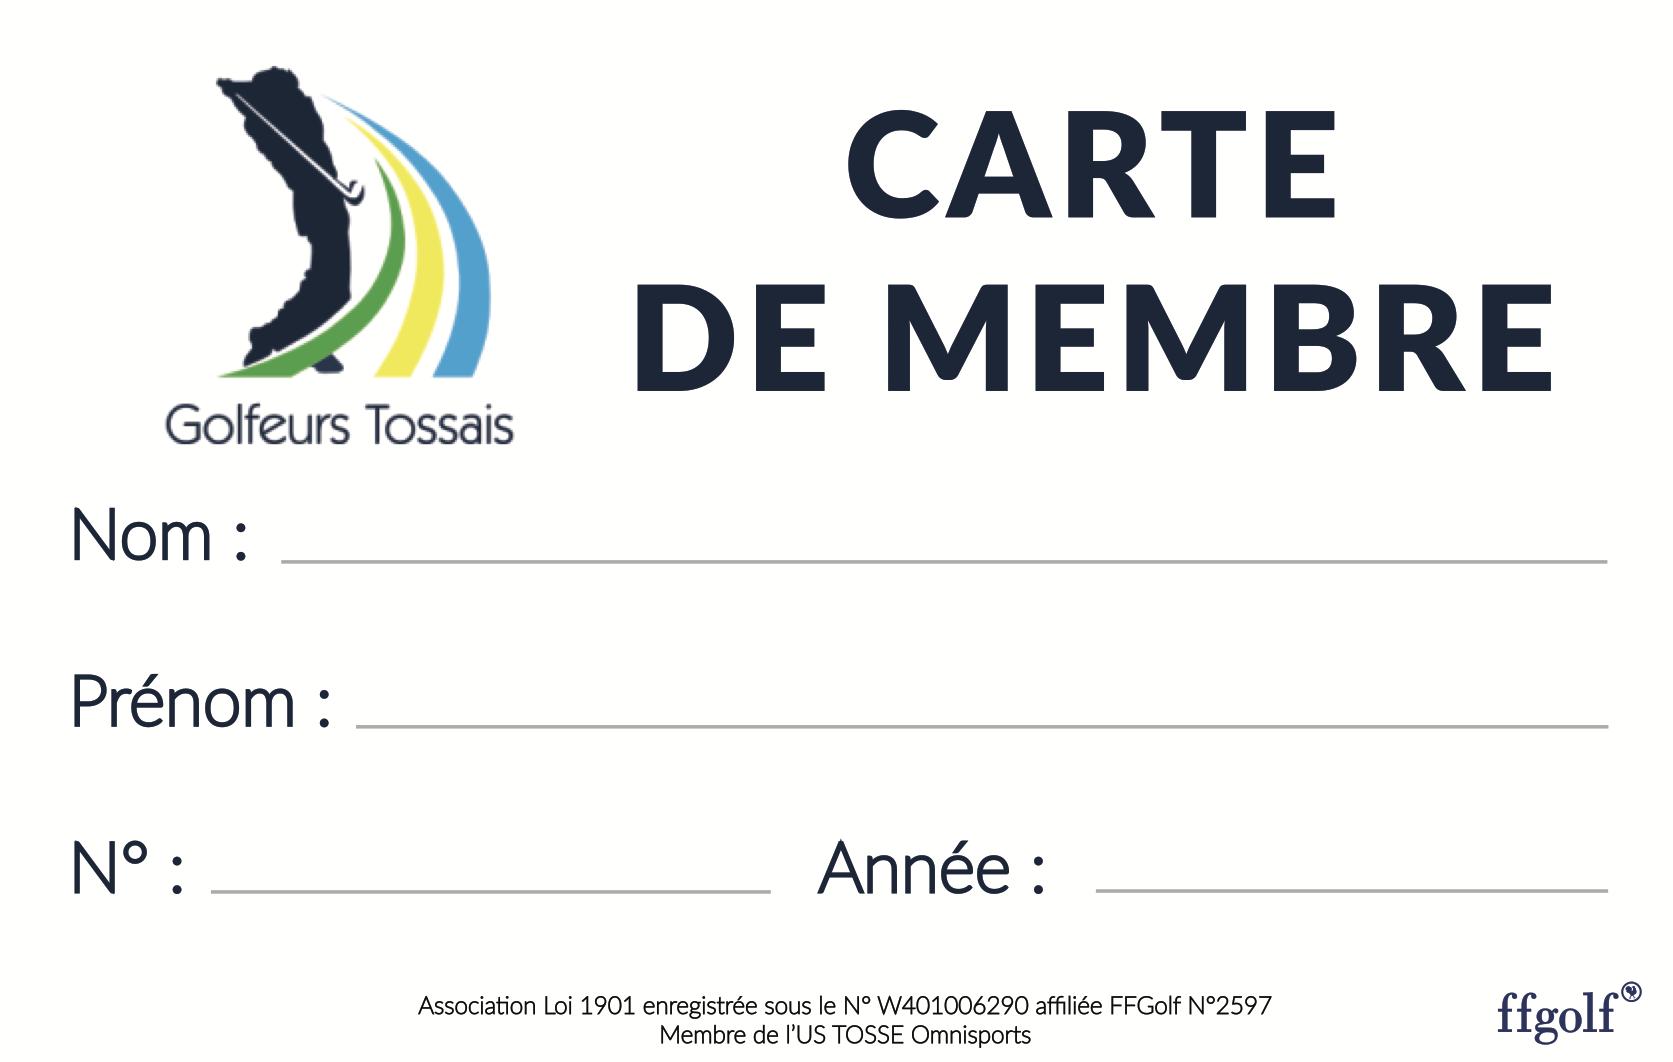 carte de membre association loi 1901 Actualités   CARTE DE MEMBRE